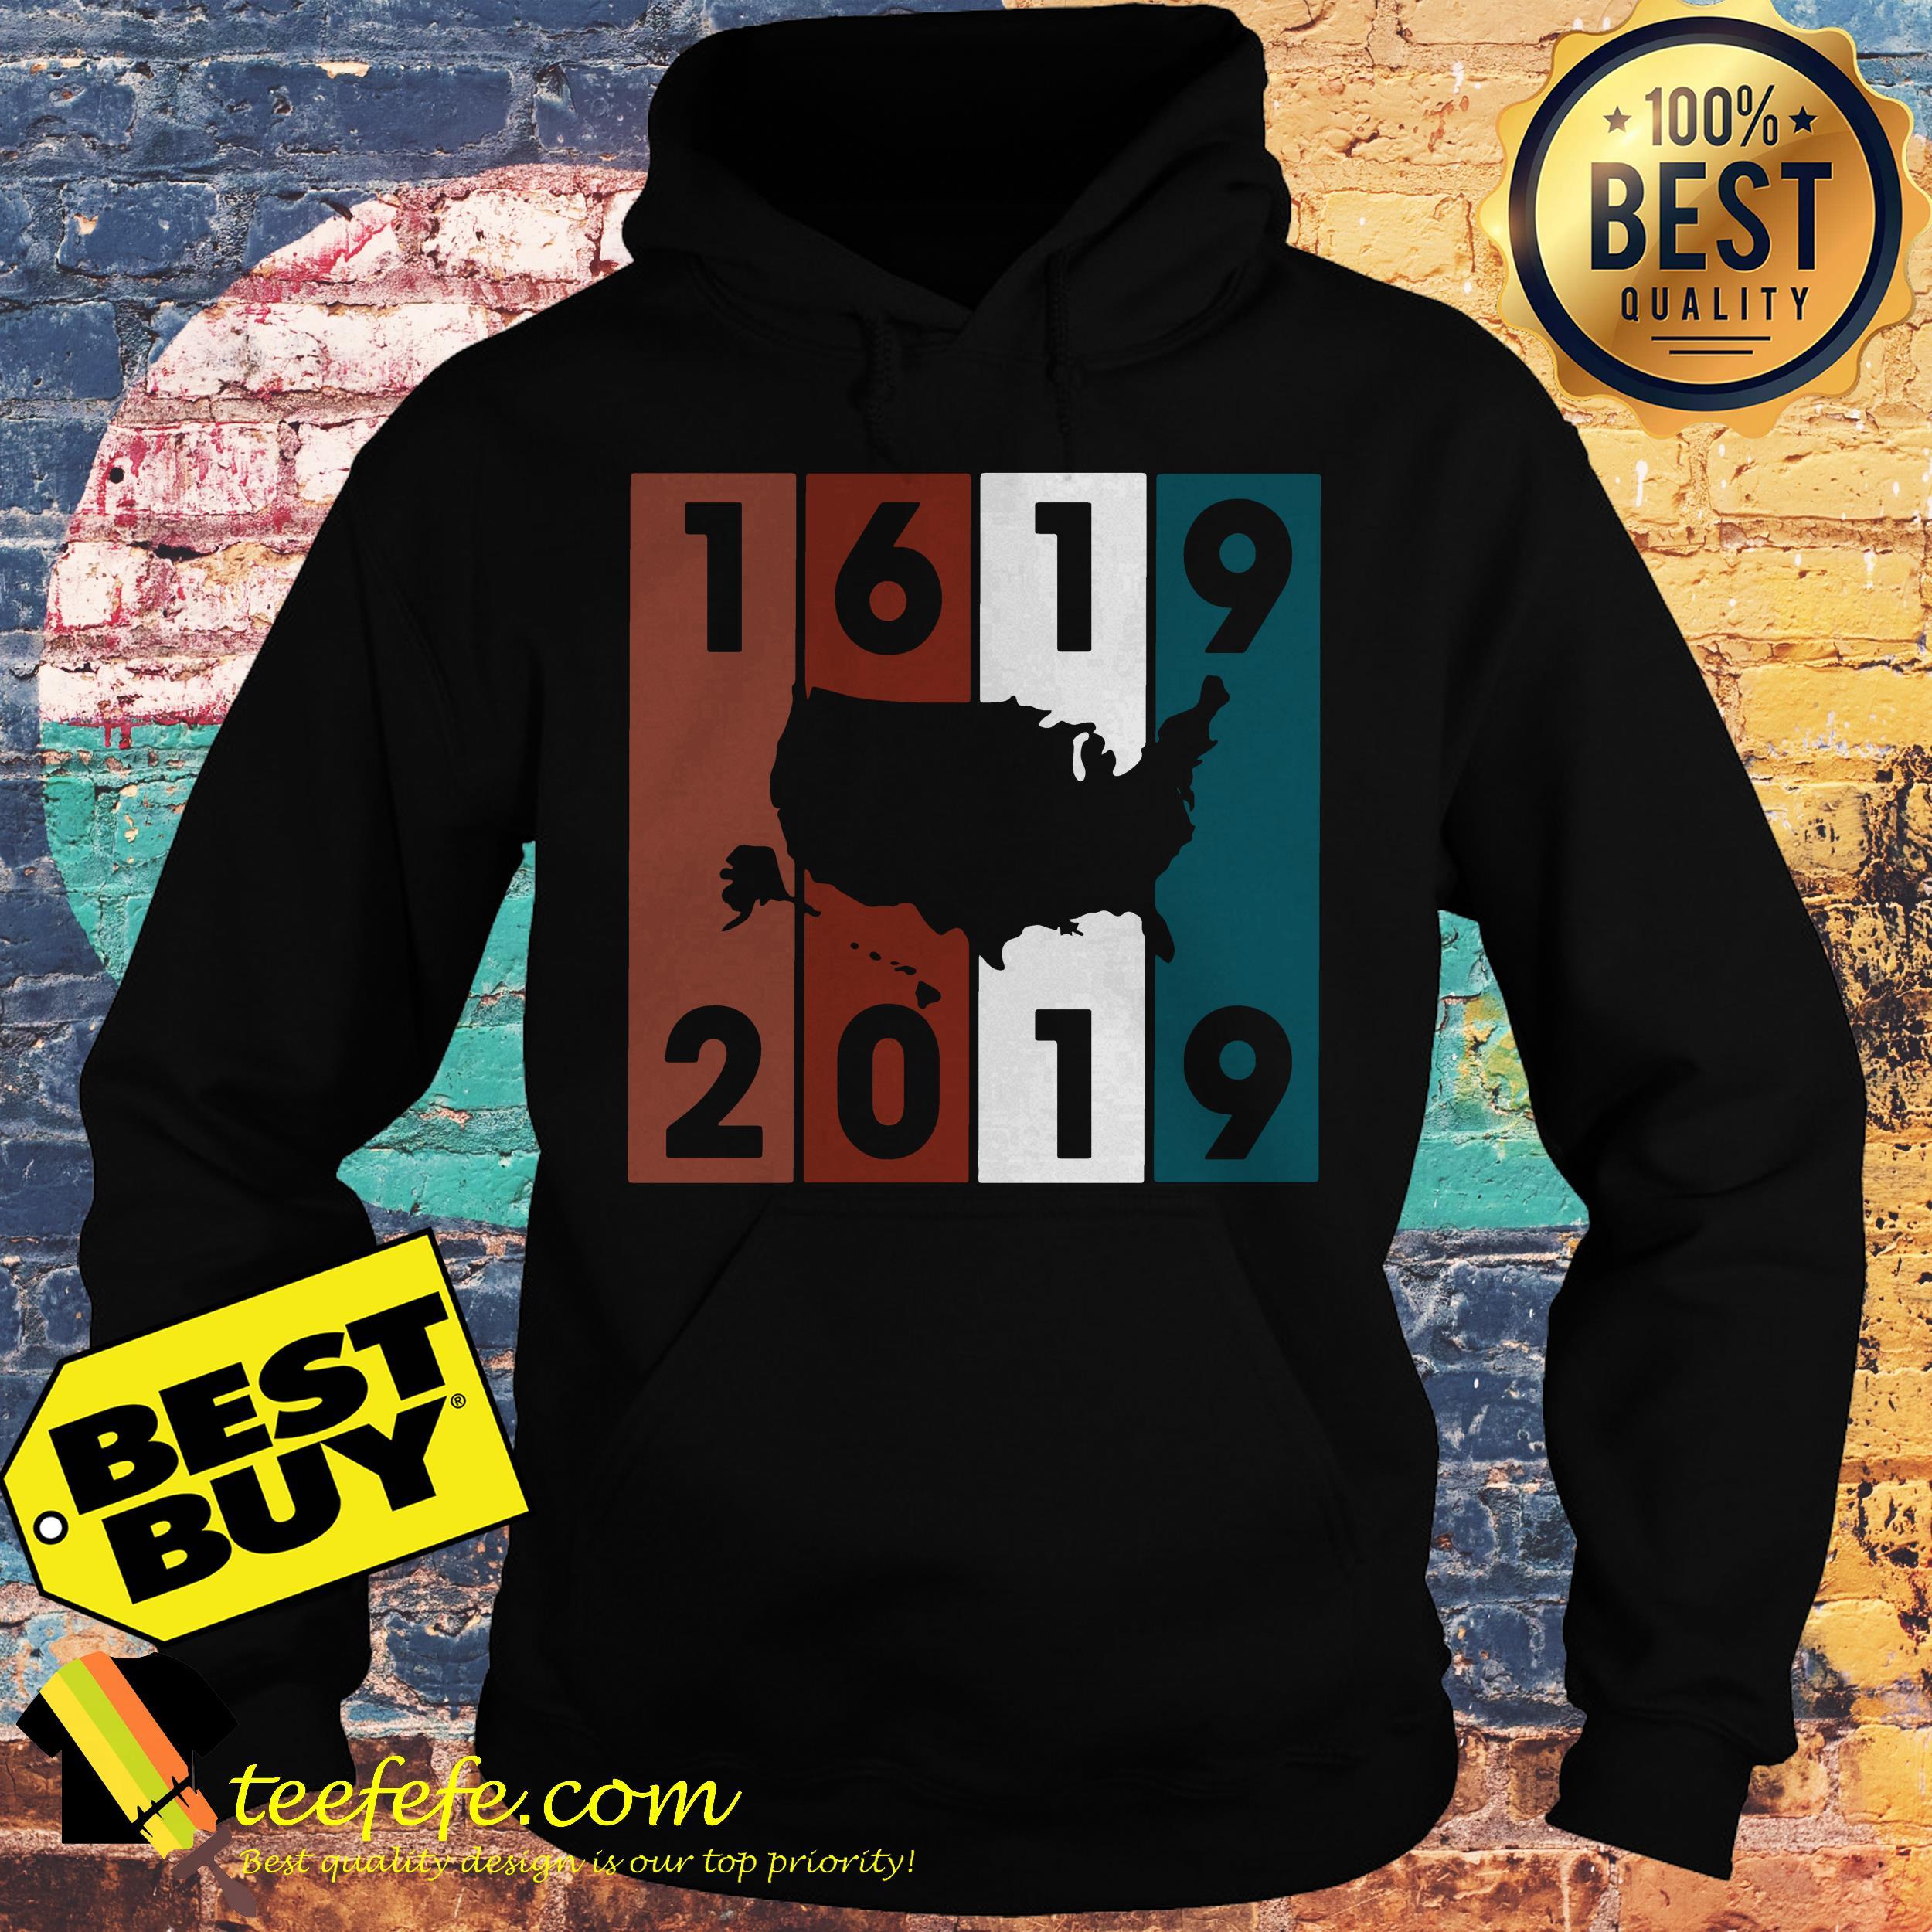 1619-2019 USA Map Crewneck hoodie